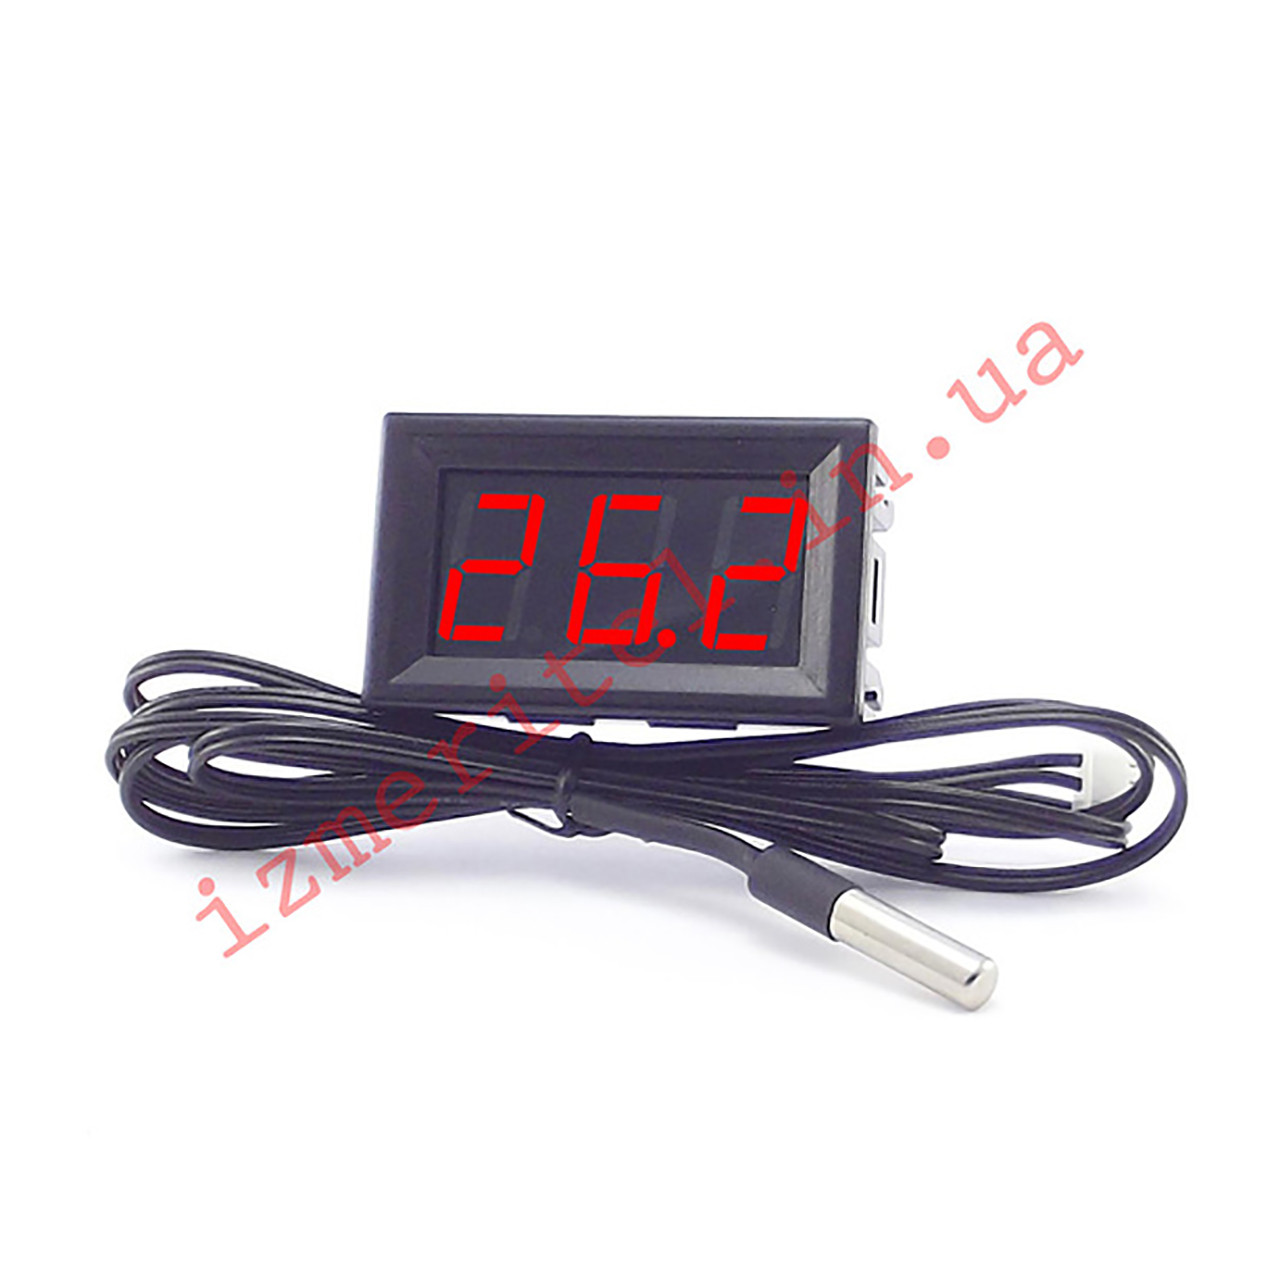 Цифровой термометр с выносным датчиком -50...+120 °С